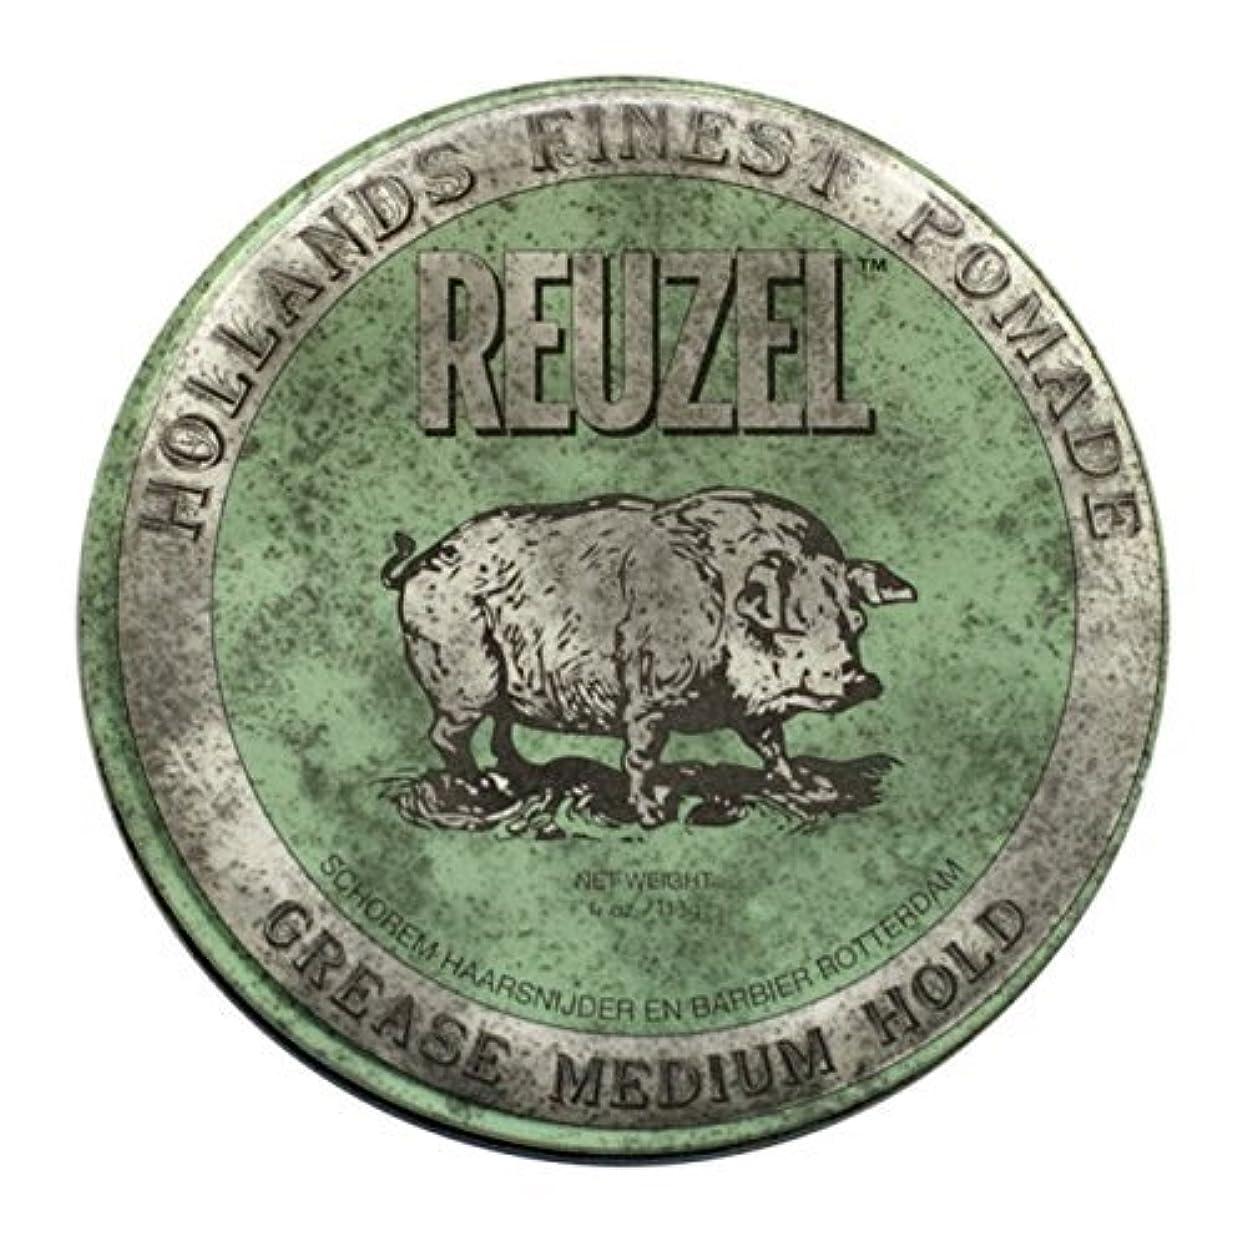 透ける熱心折Reuzel Green Grease Medium Hold Hair Styling Pomade Piglet 1.3oz (35g) Wax/Gel by Reuzel